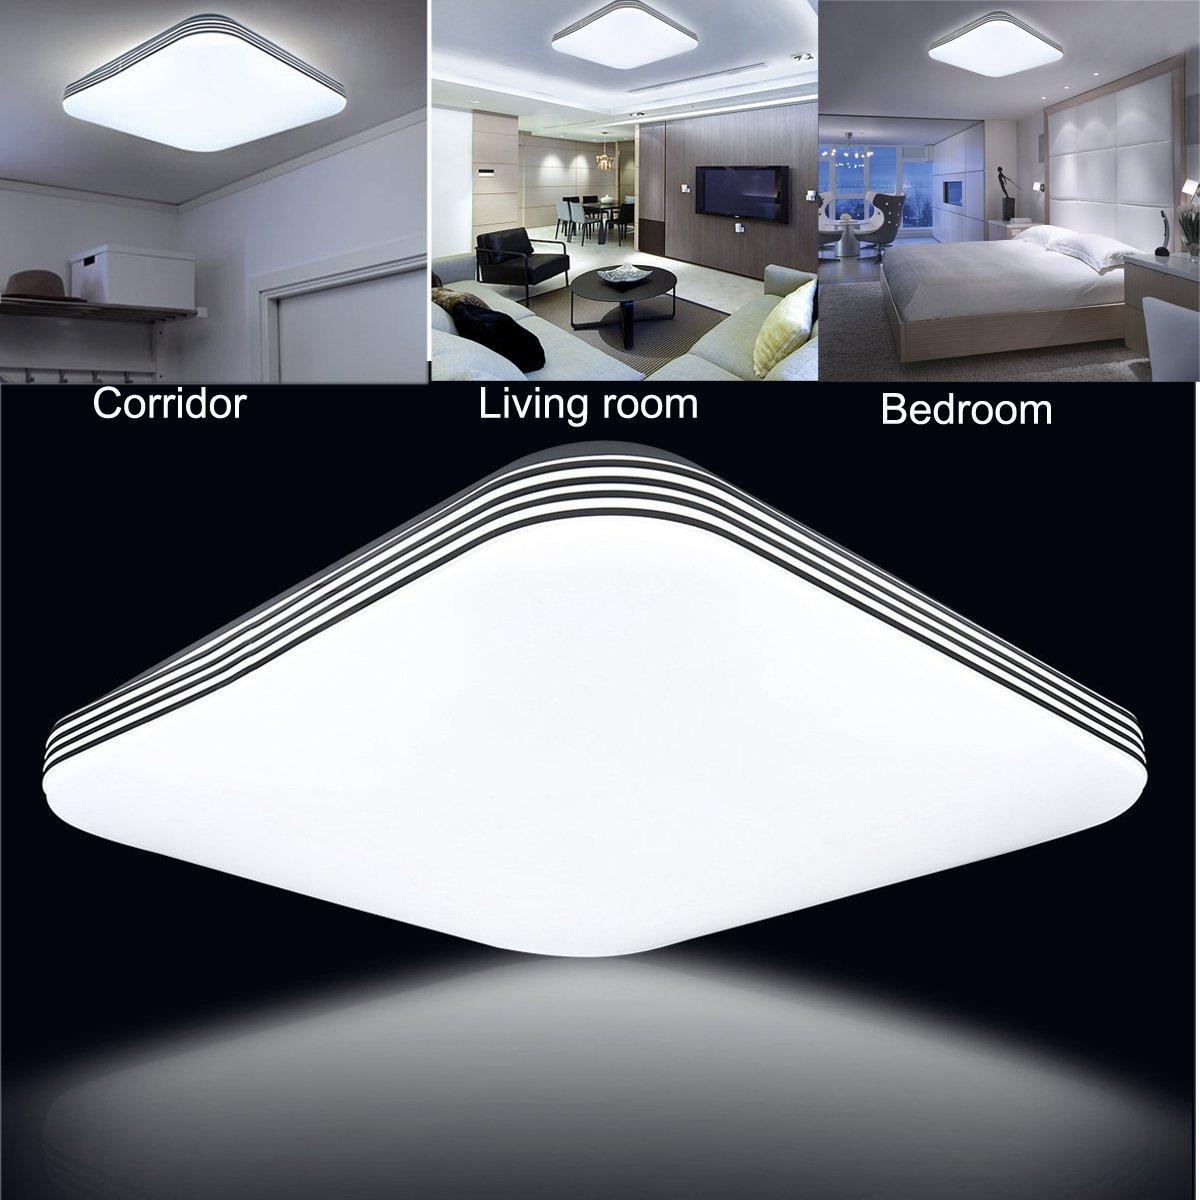 ZHMA 36W Ultra sottile LED Bianco Freddo plafoniera moderno lampada da soffitto per soggiorno cucina camera hotel Super Luminoso Quadrato 300mm*300mm bagno